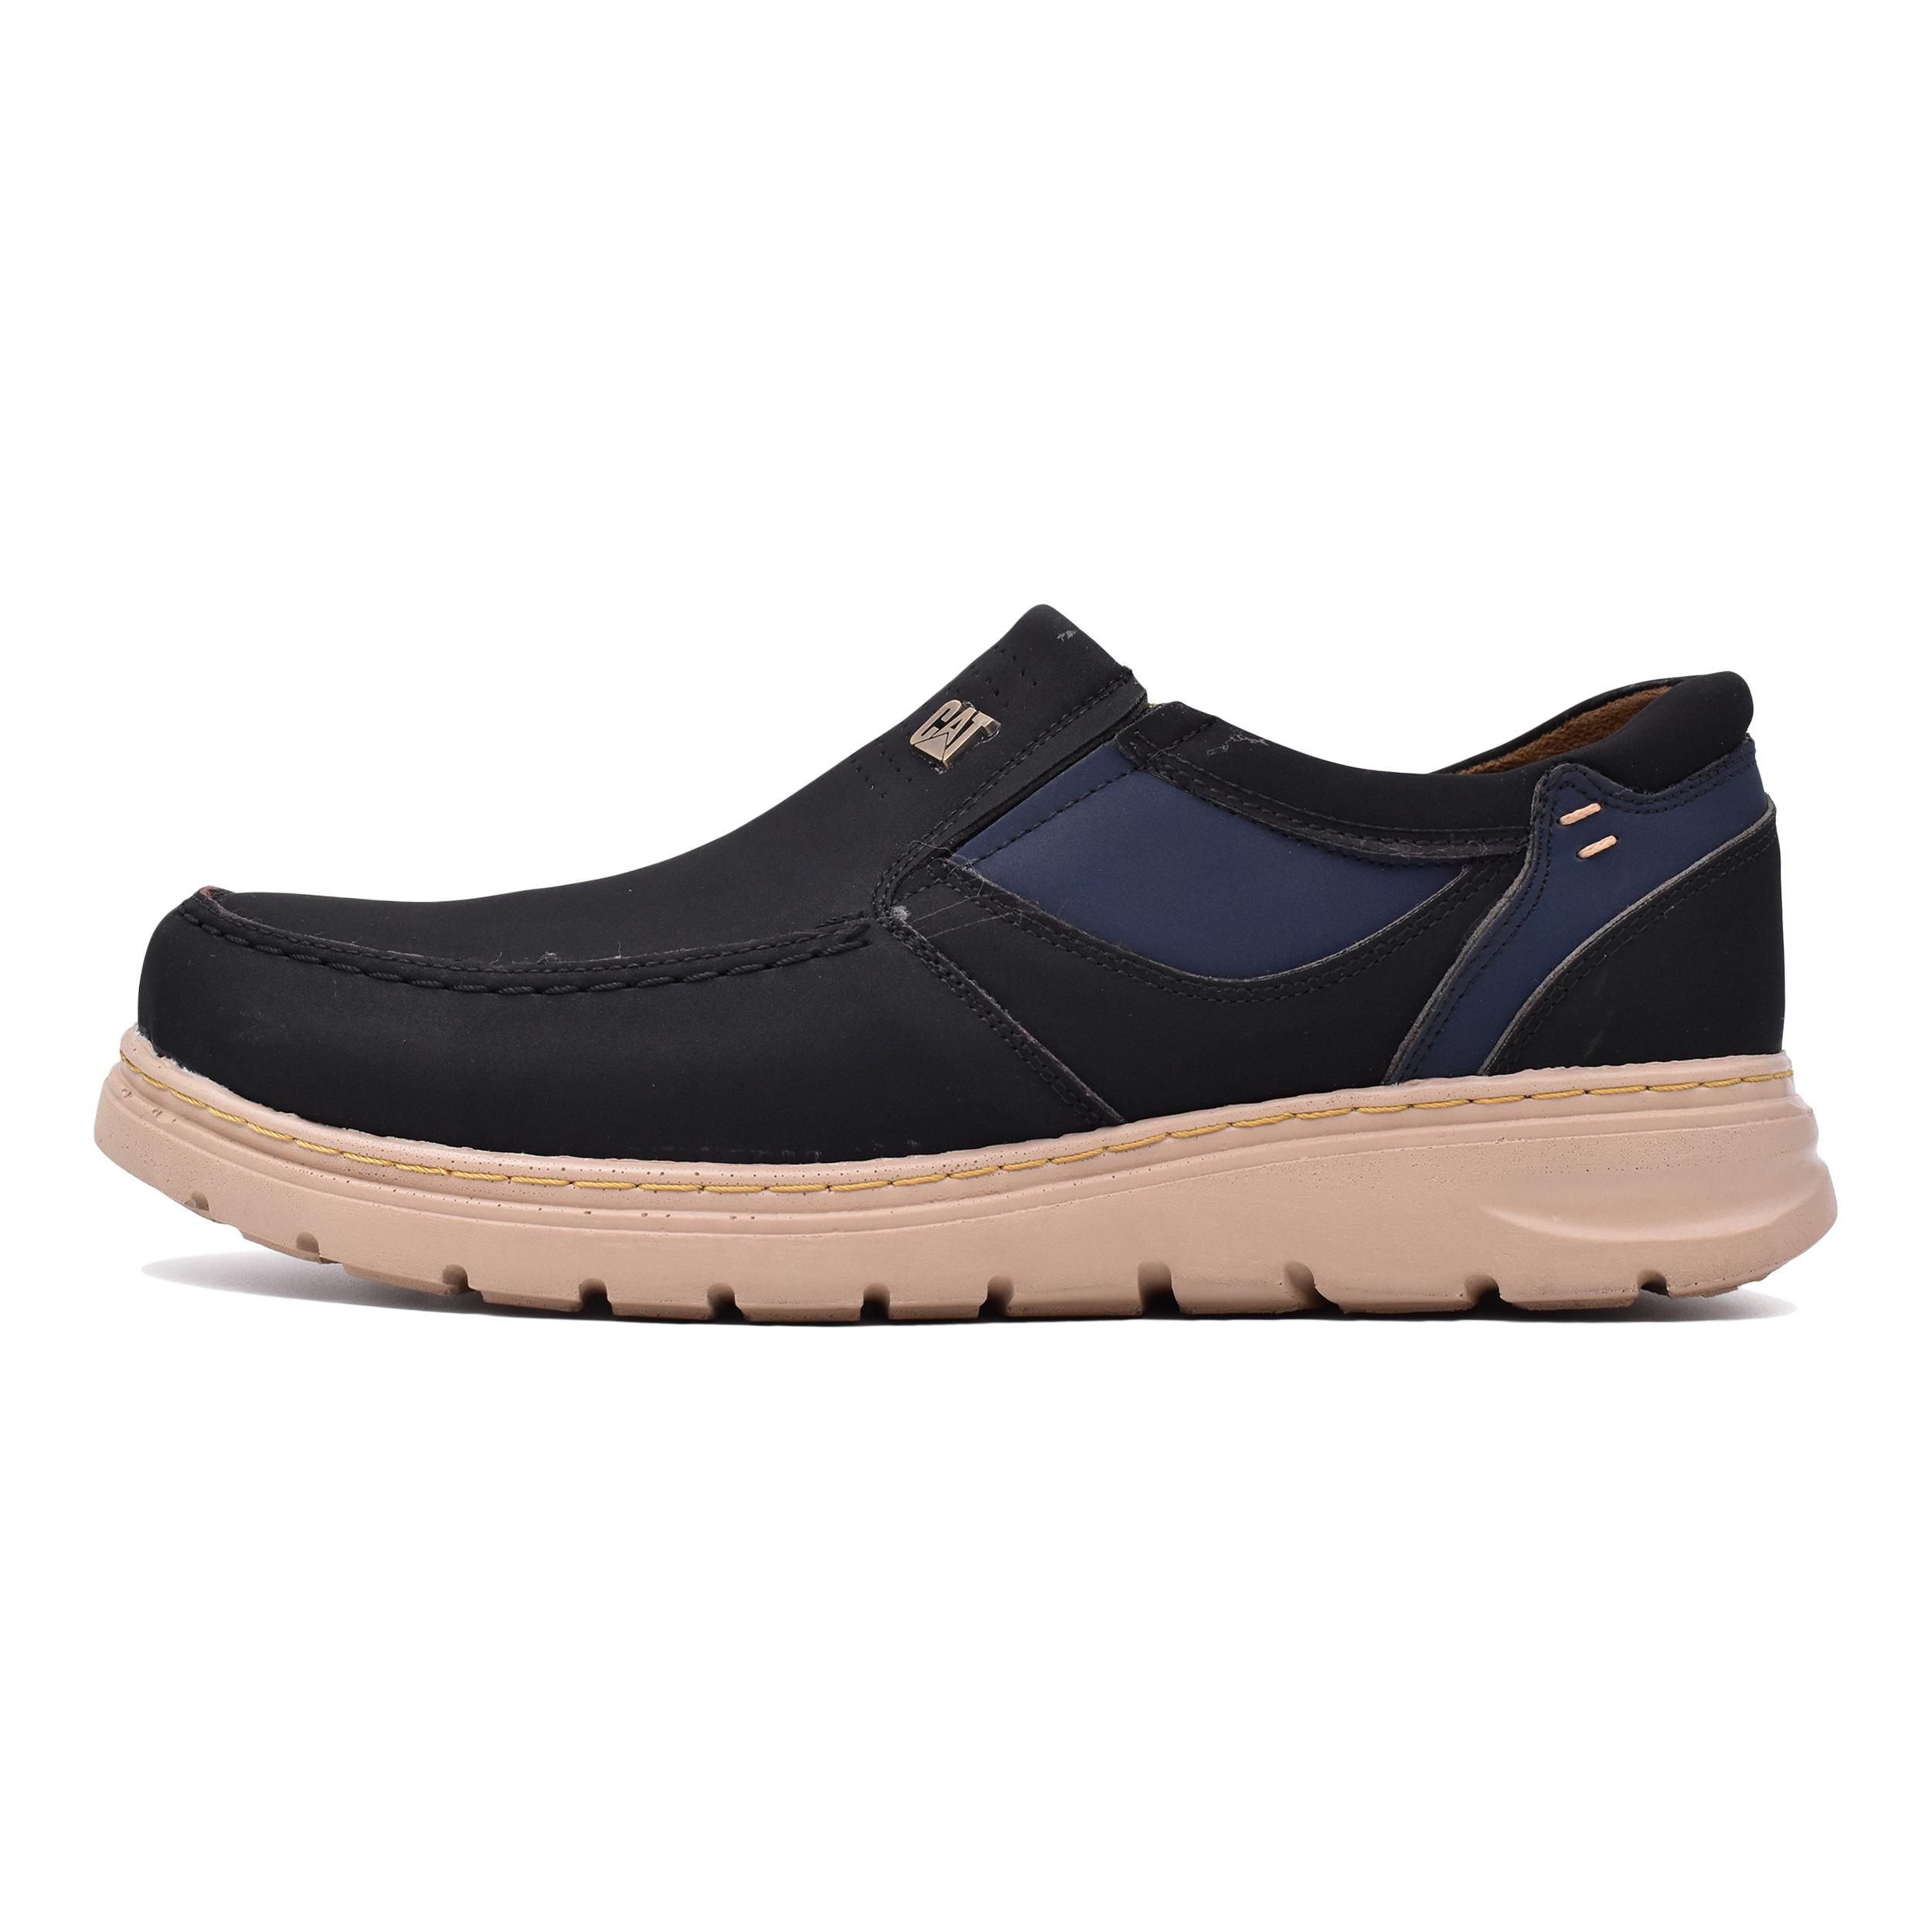 کفش روزمره مردانه مدل کارما کد 7146